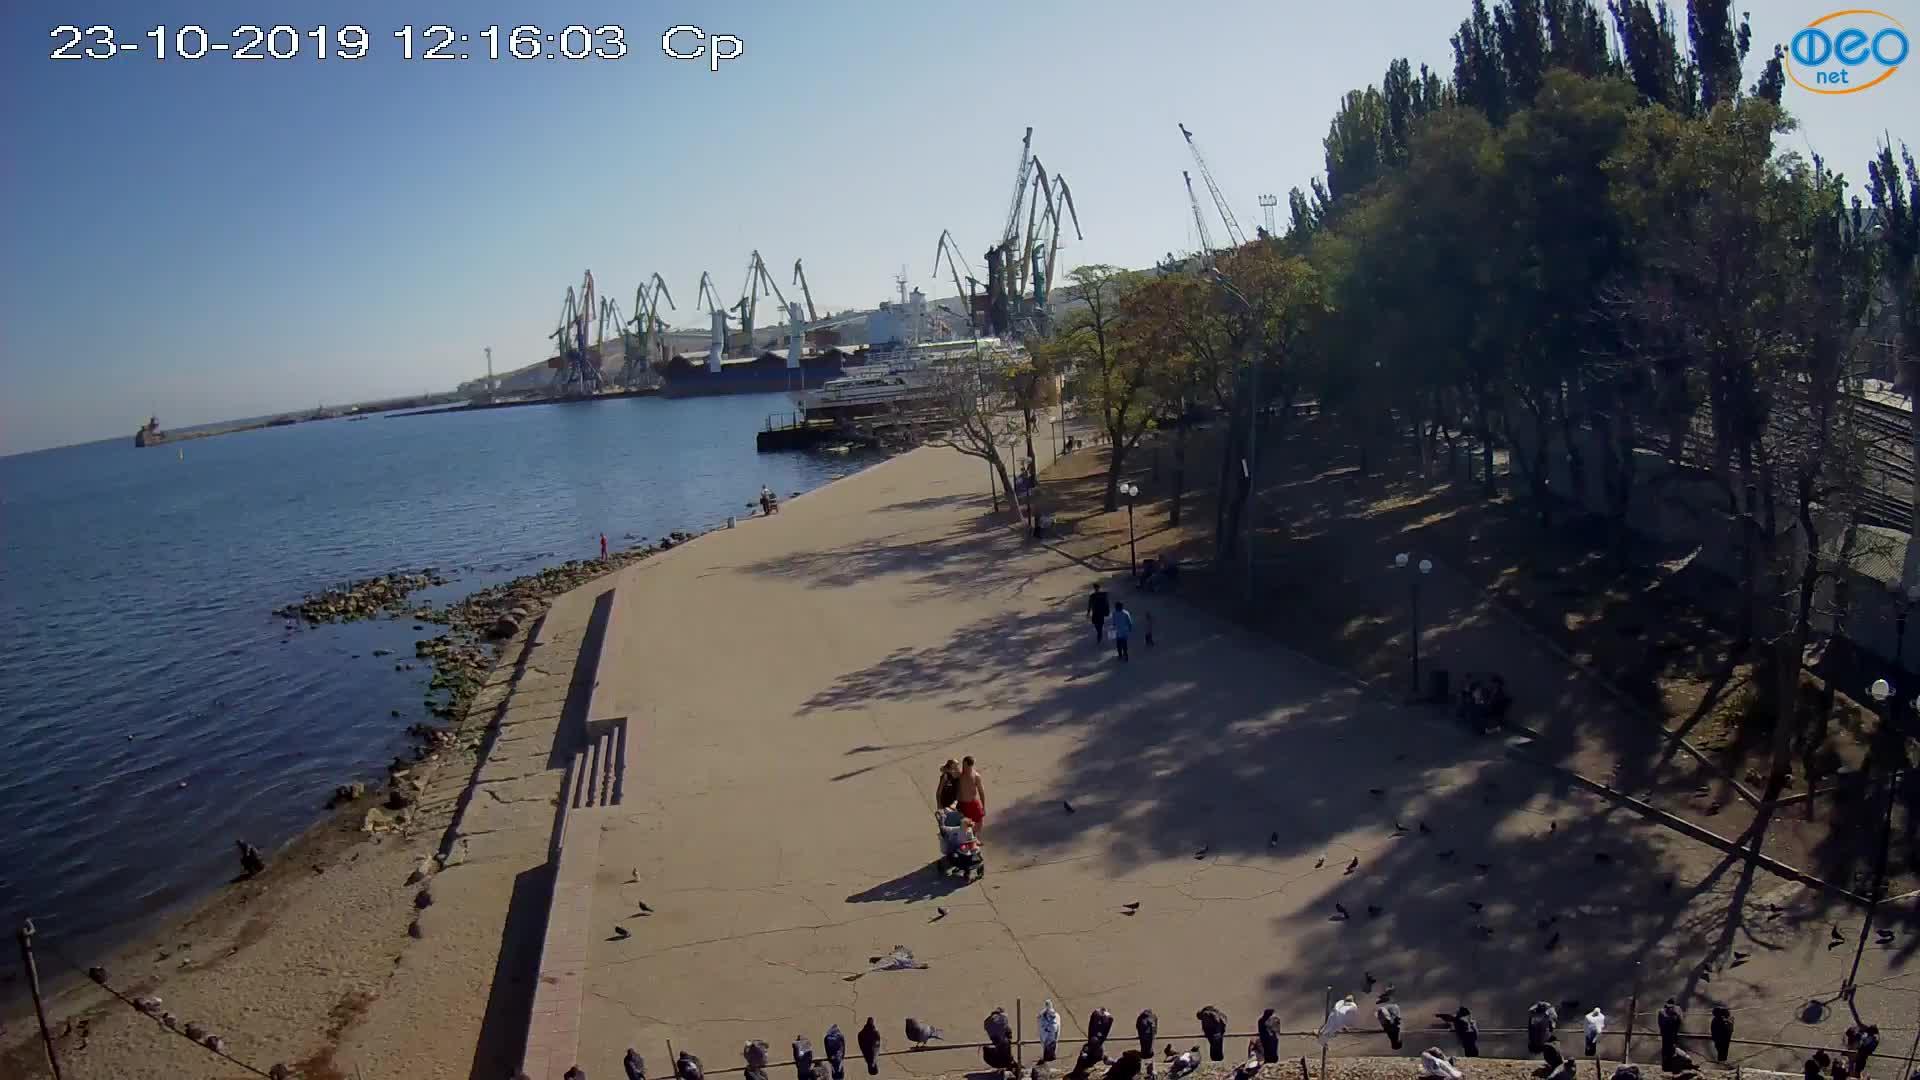 Веб-камеры Феодосии, Набережная Десантников, 2019-10-23 12:16:15